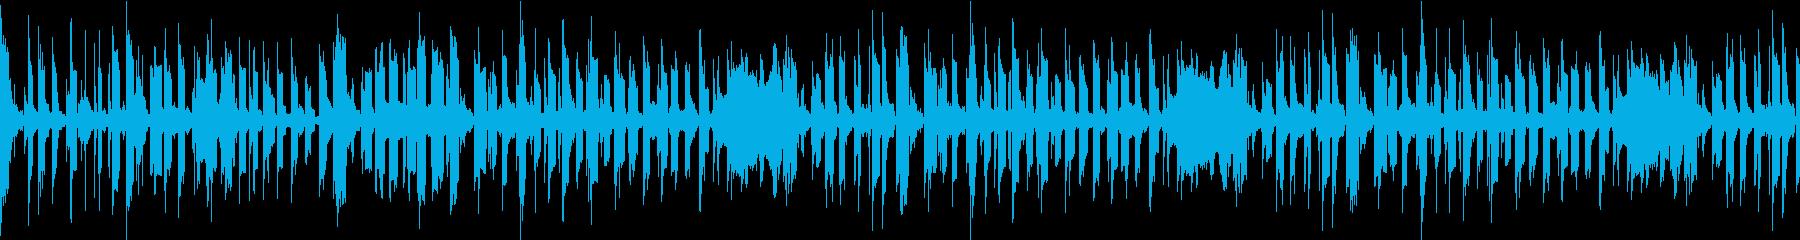 ほのぼのティータイムのようなループ曲の再生済みの波形